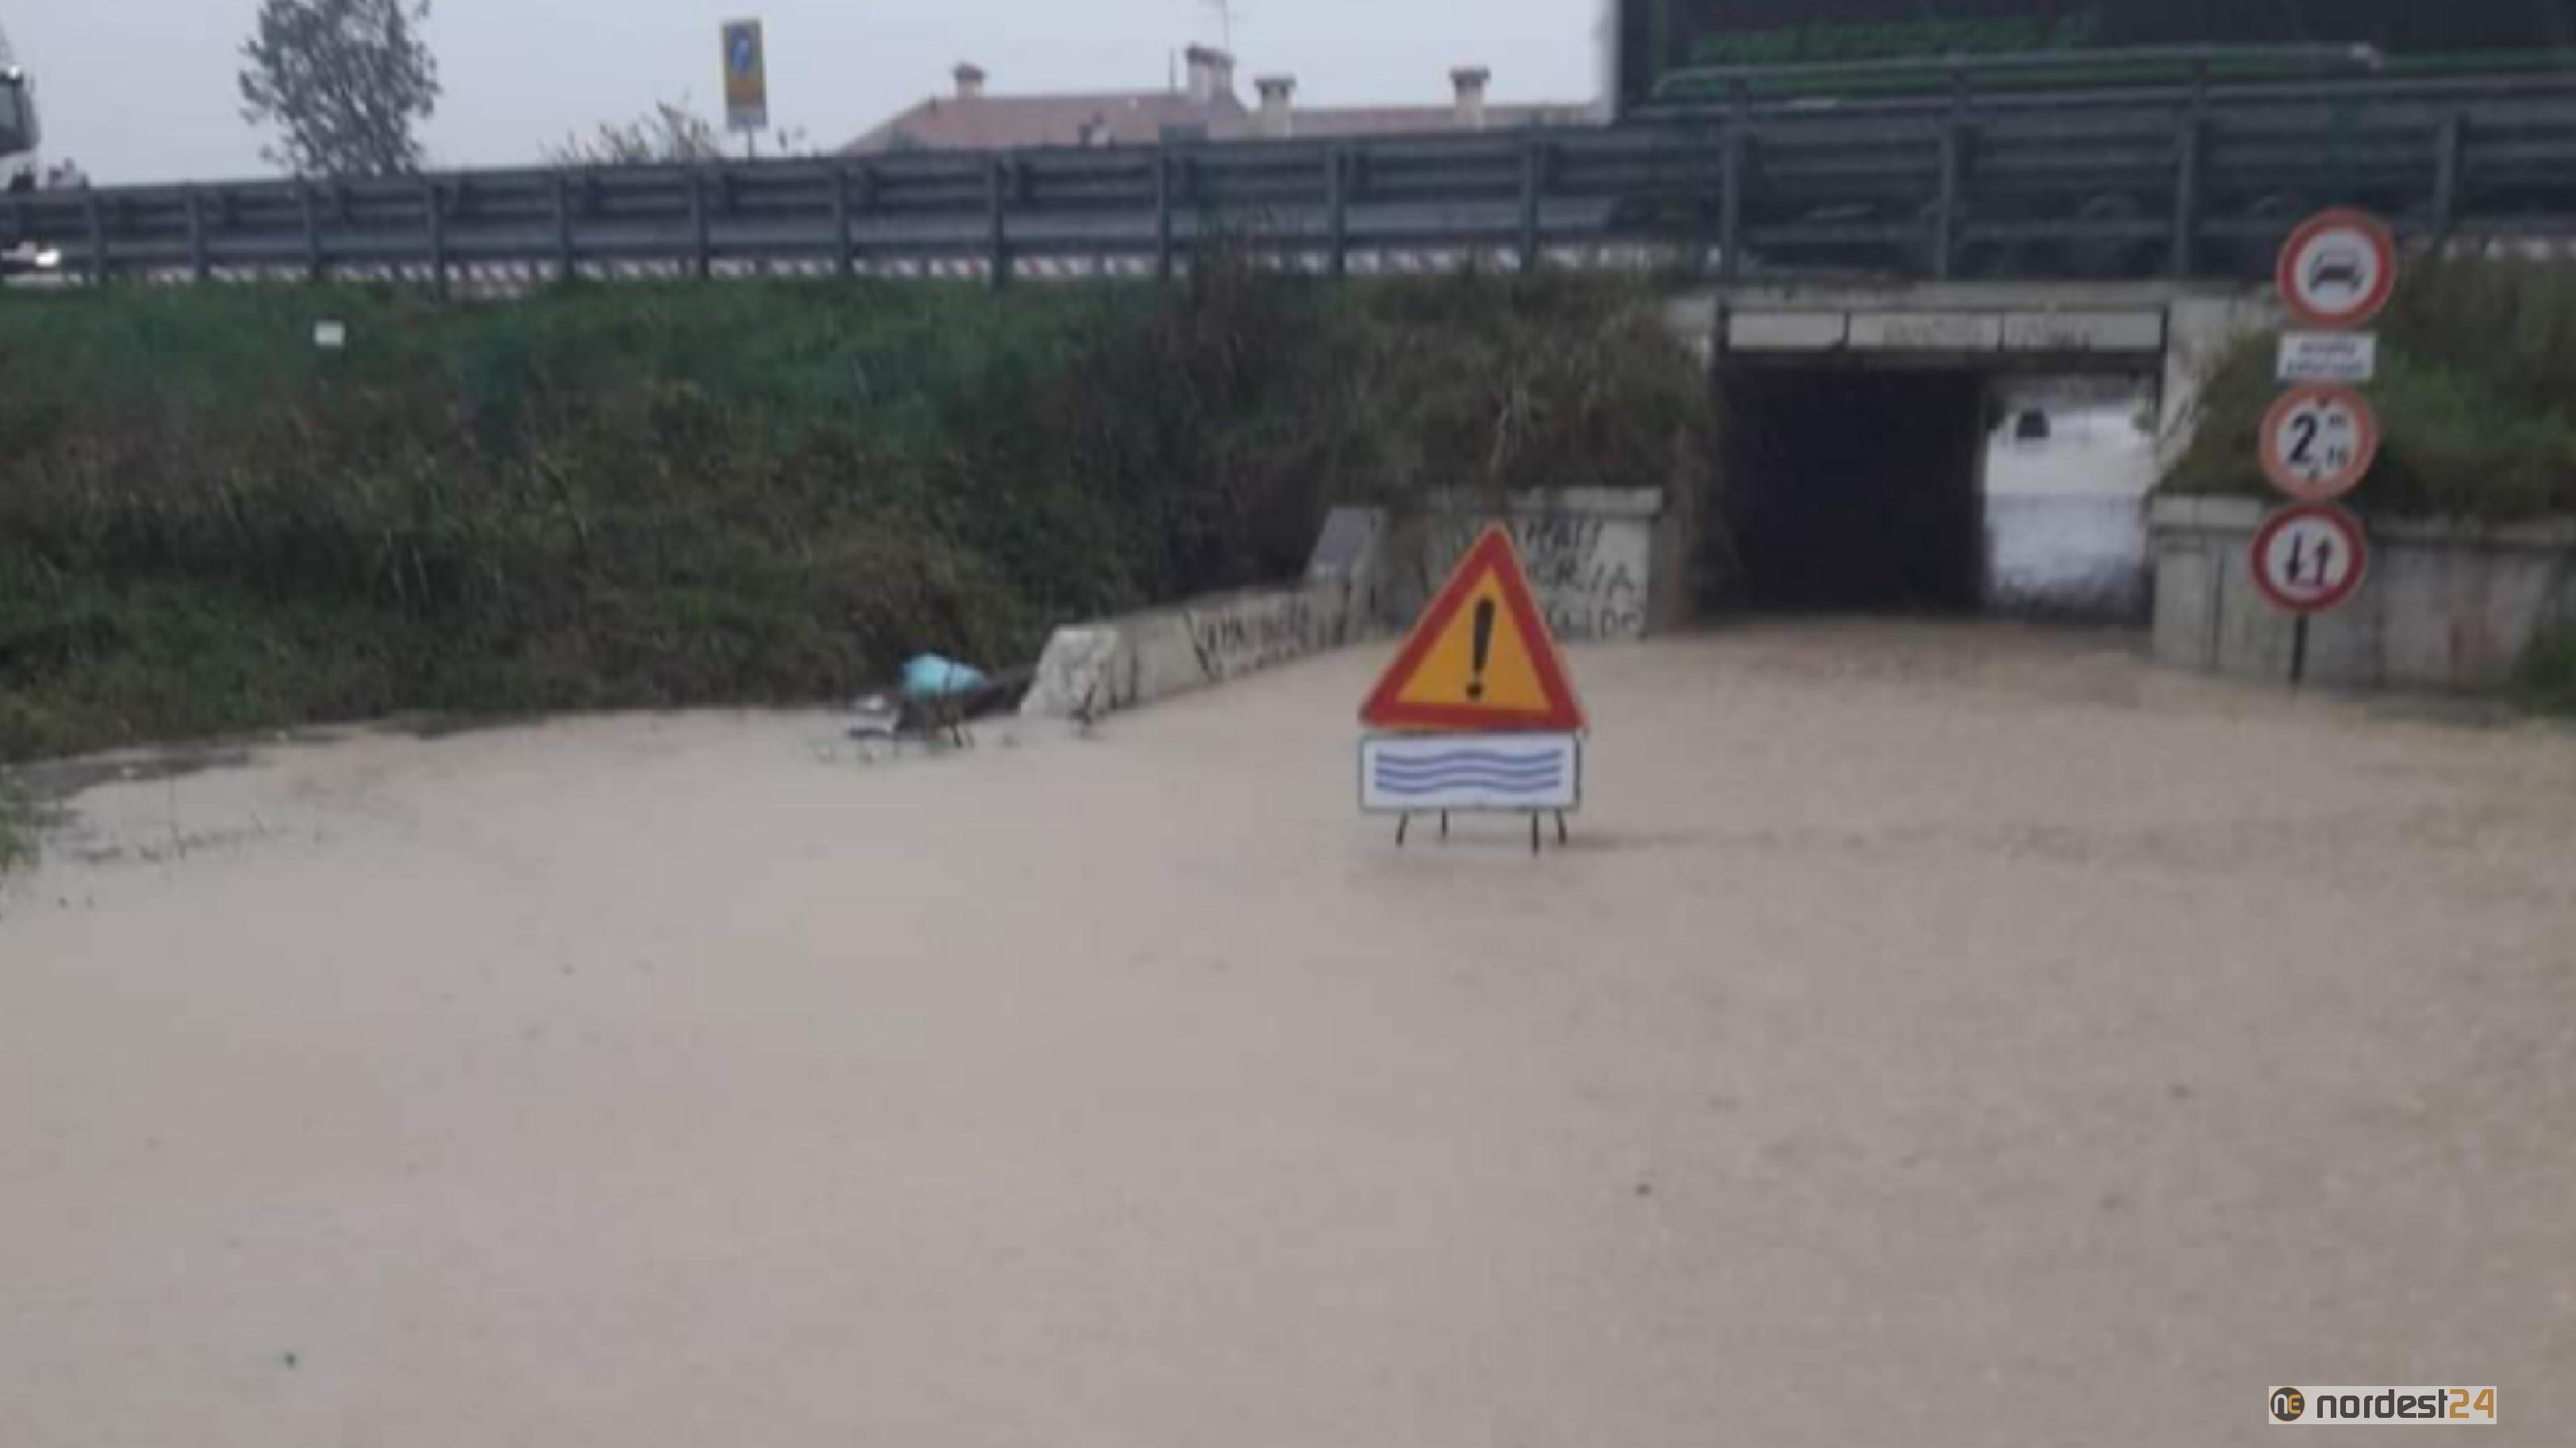 Nuove piogge in arrivo a Portogruaro: il Comune lancia l'allerta - Nordest24.it